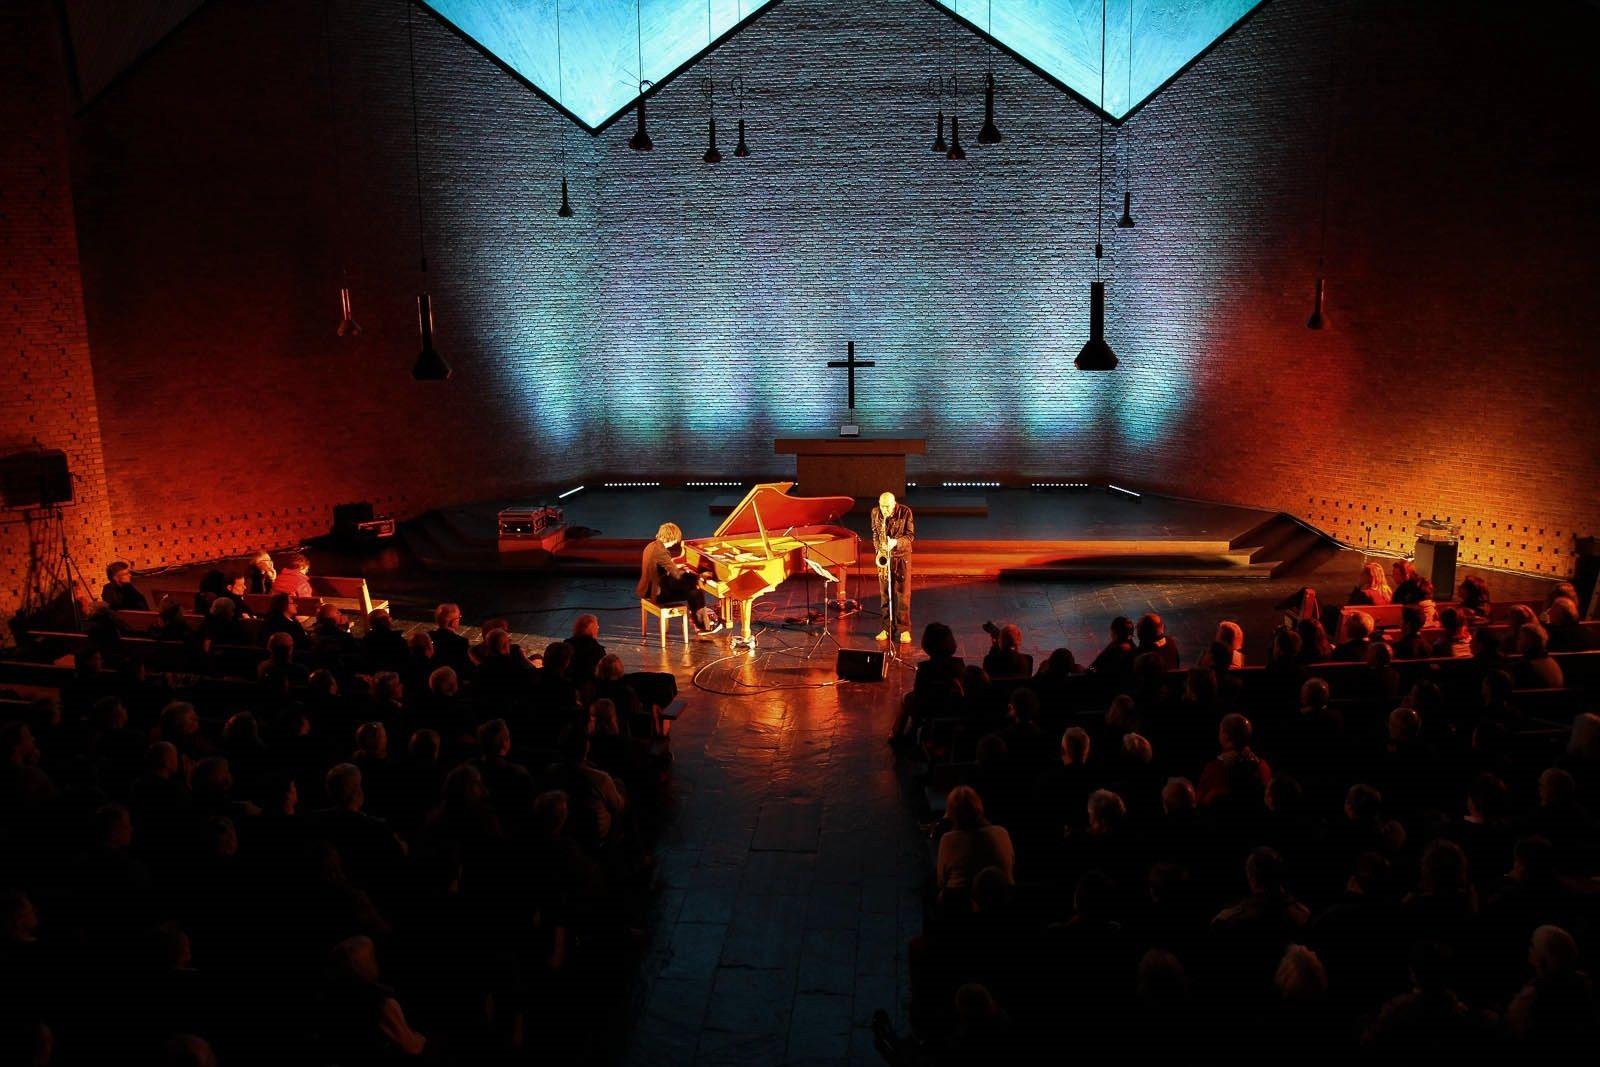 Christuskirche.  Die Kirche als Hör-Raum mit über 850 Sitzplätzen und einer 60 Quadratmeter großen Bühne: keine Pfeiler, keine Seitenschiffe, kein kathedraler Hall-Effekt.